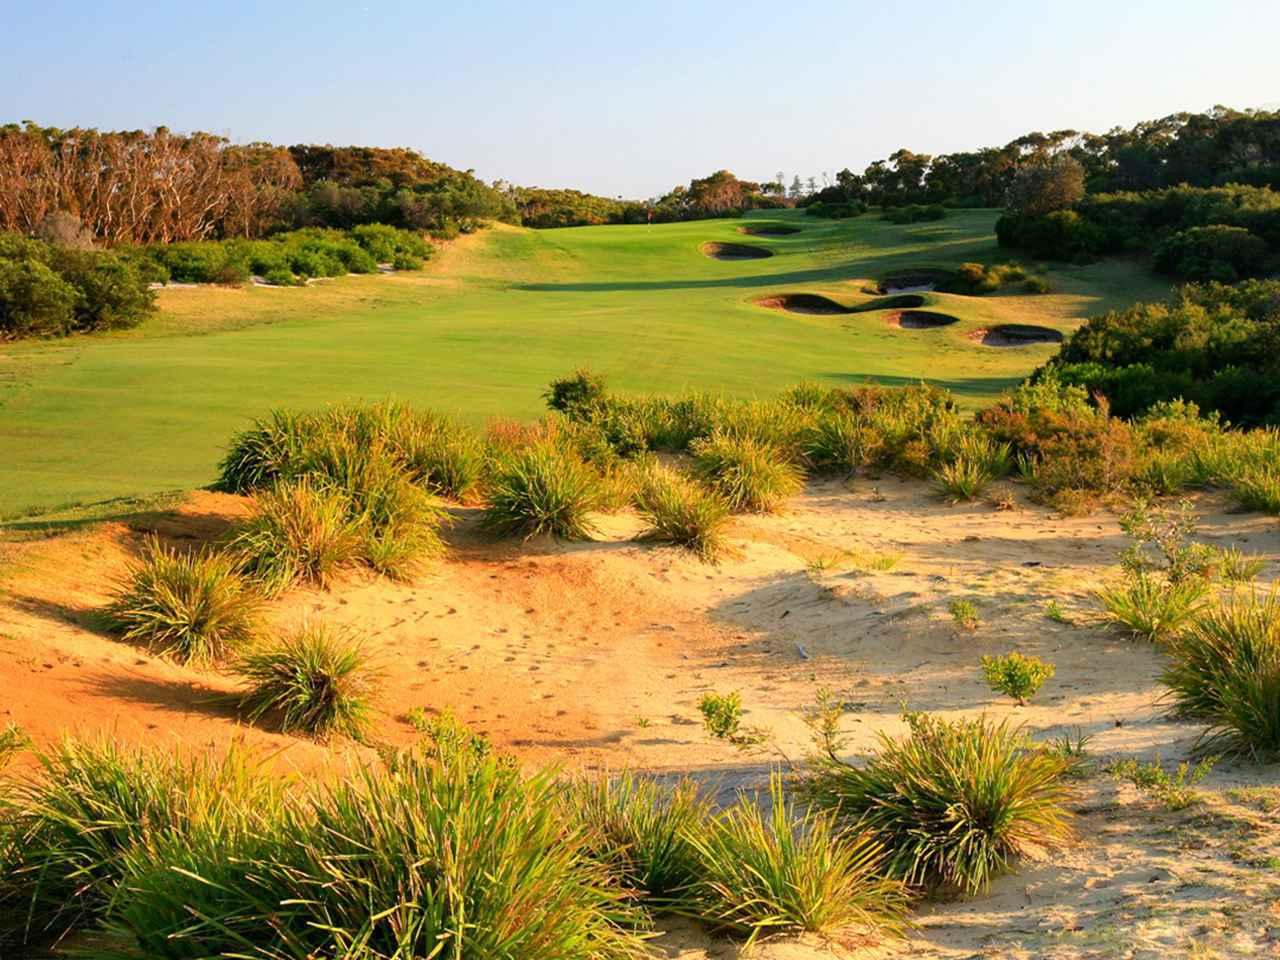 画像2: ニューサウスウェールズゴルフクラブ(NSW GolfClub)